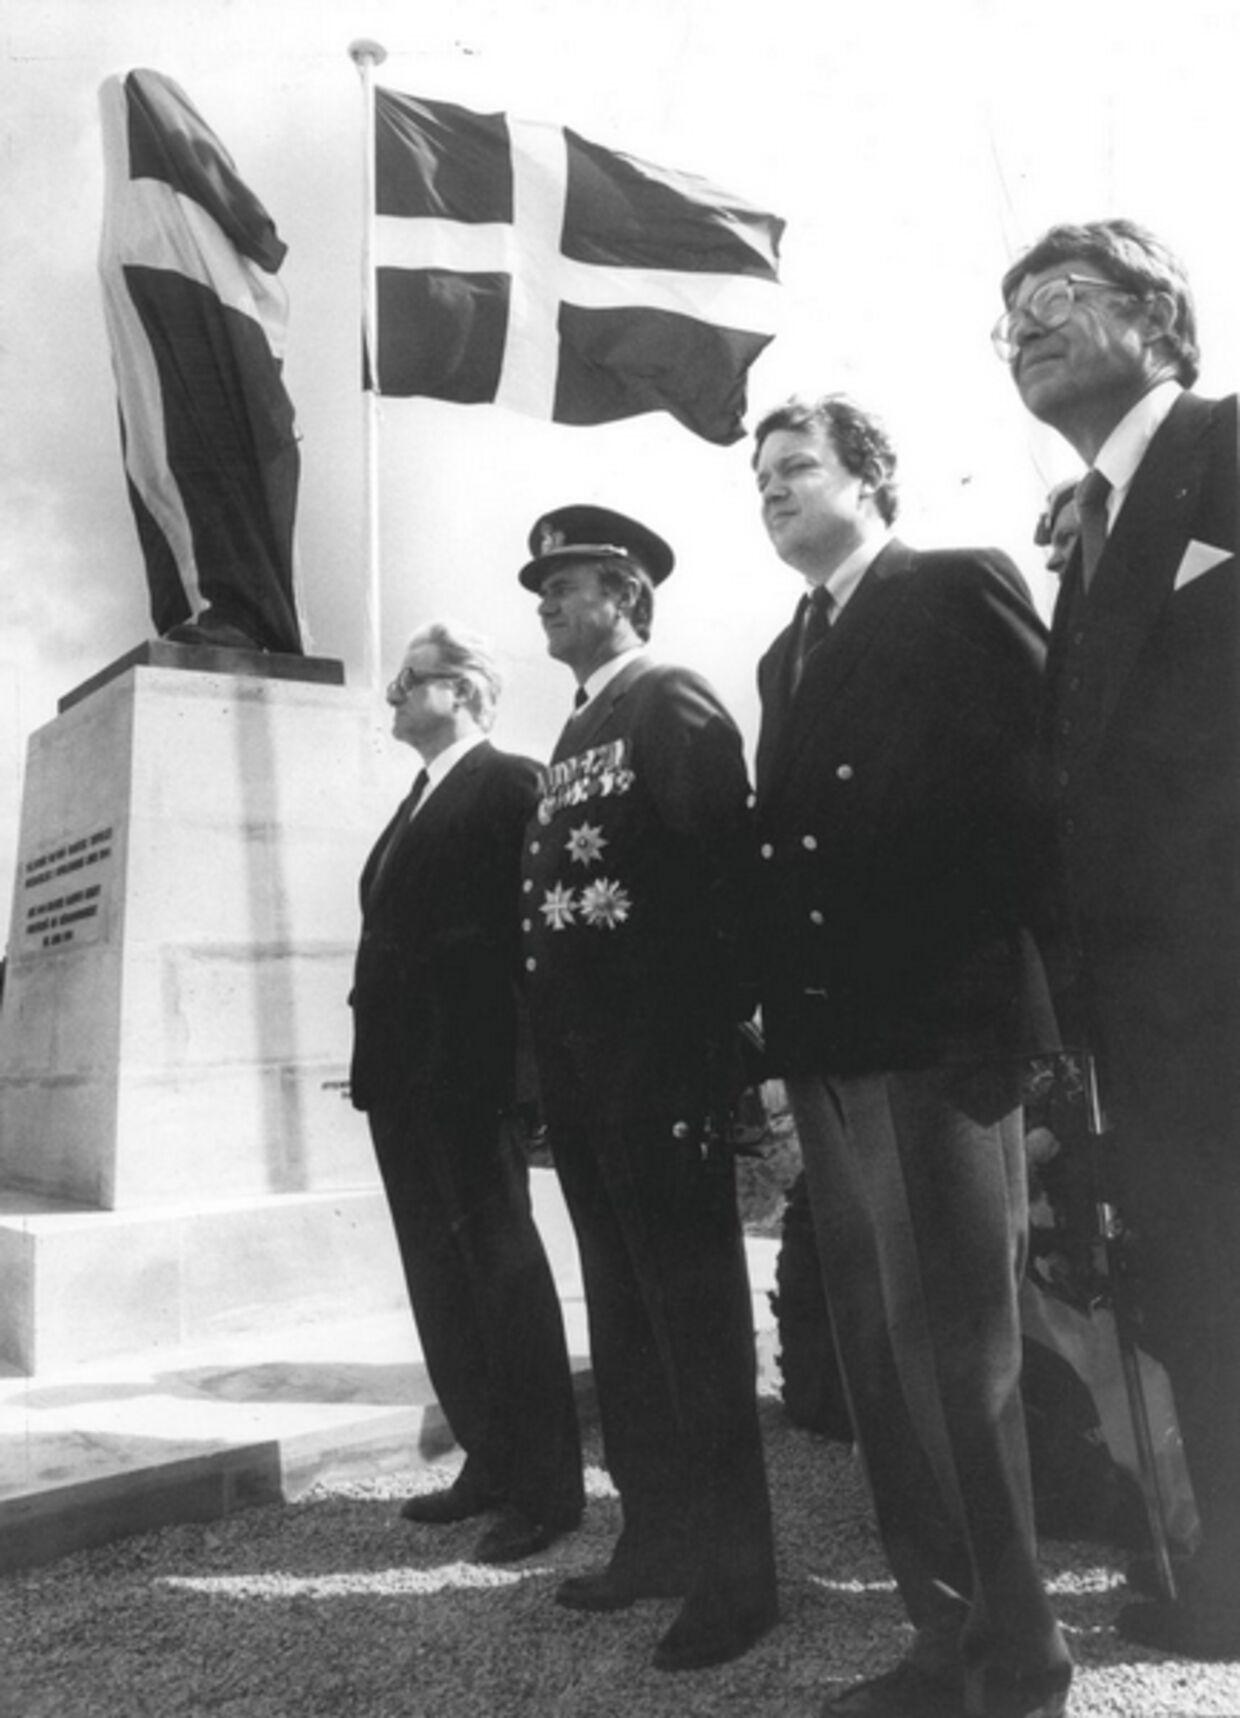 VED INDVIELSEN: Prins Henrik sagde pæne ord og daværende forsvarsminister Hans Engell var i stramtsiddende blazer, da den danske mindesten i 1984 blev afsløret i Normandiet.Arkivfoto.